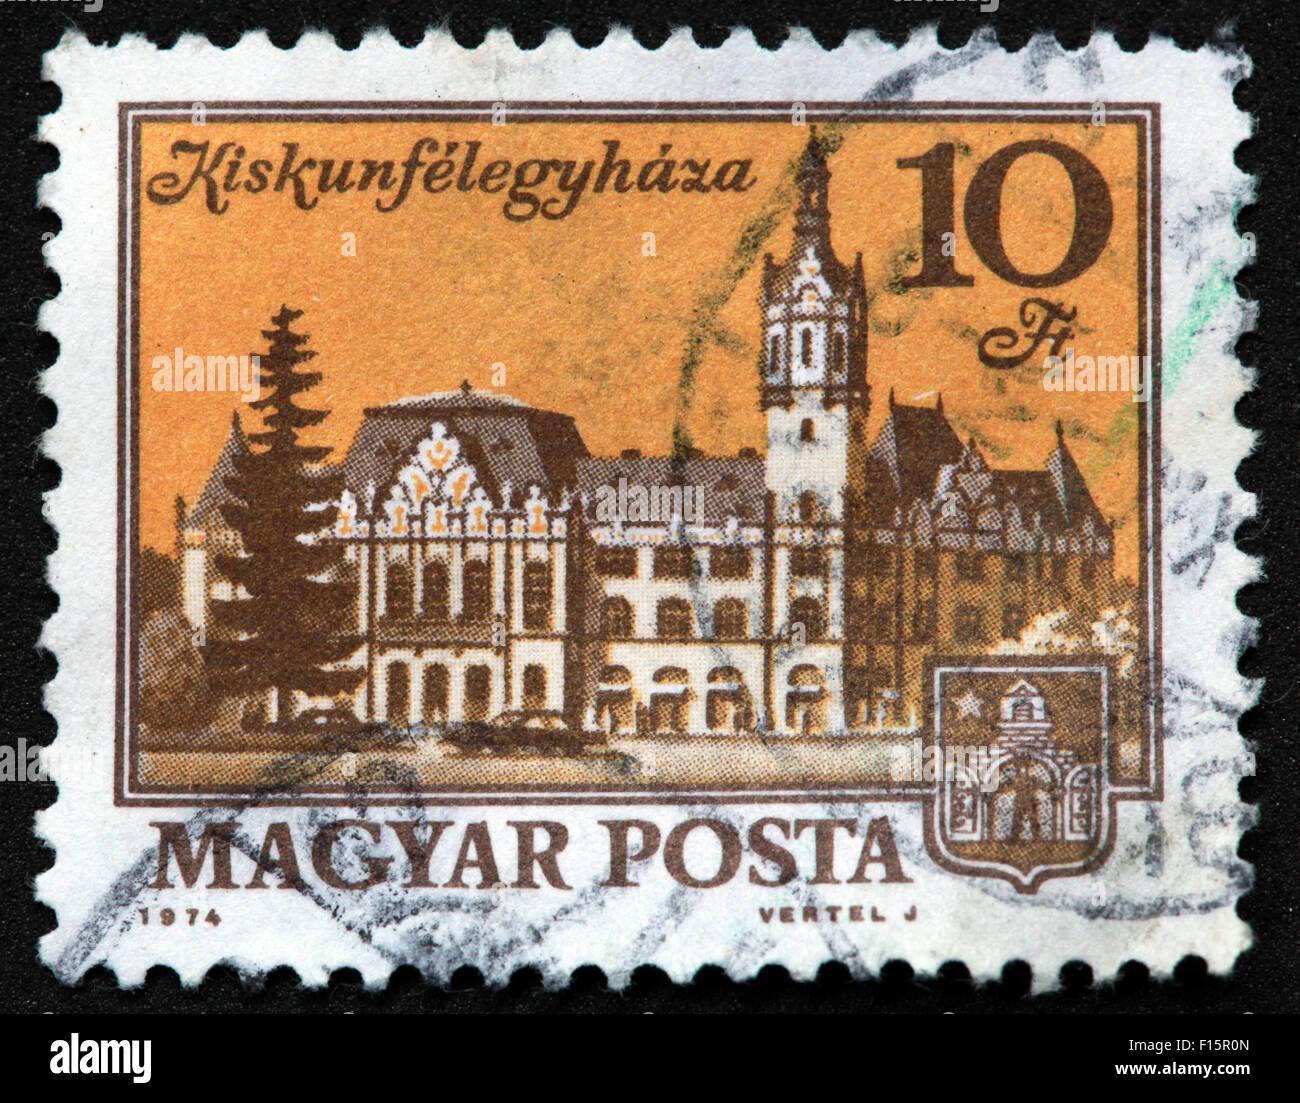 Magyar Posta 1974 Envoyer à Kiskunfelegyhaza J 10ft castle house Stamp Banque D'Images